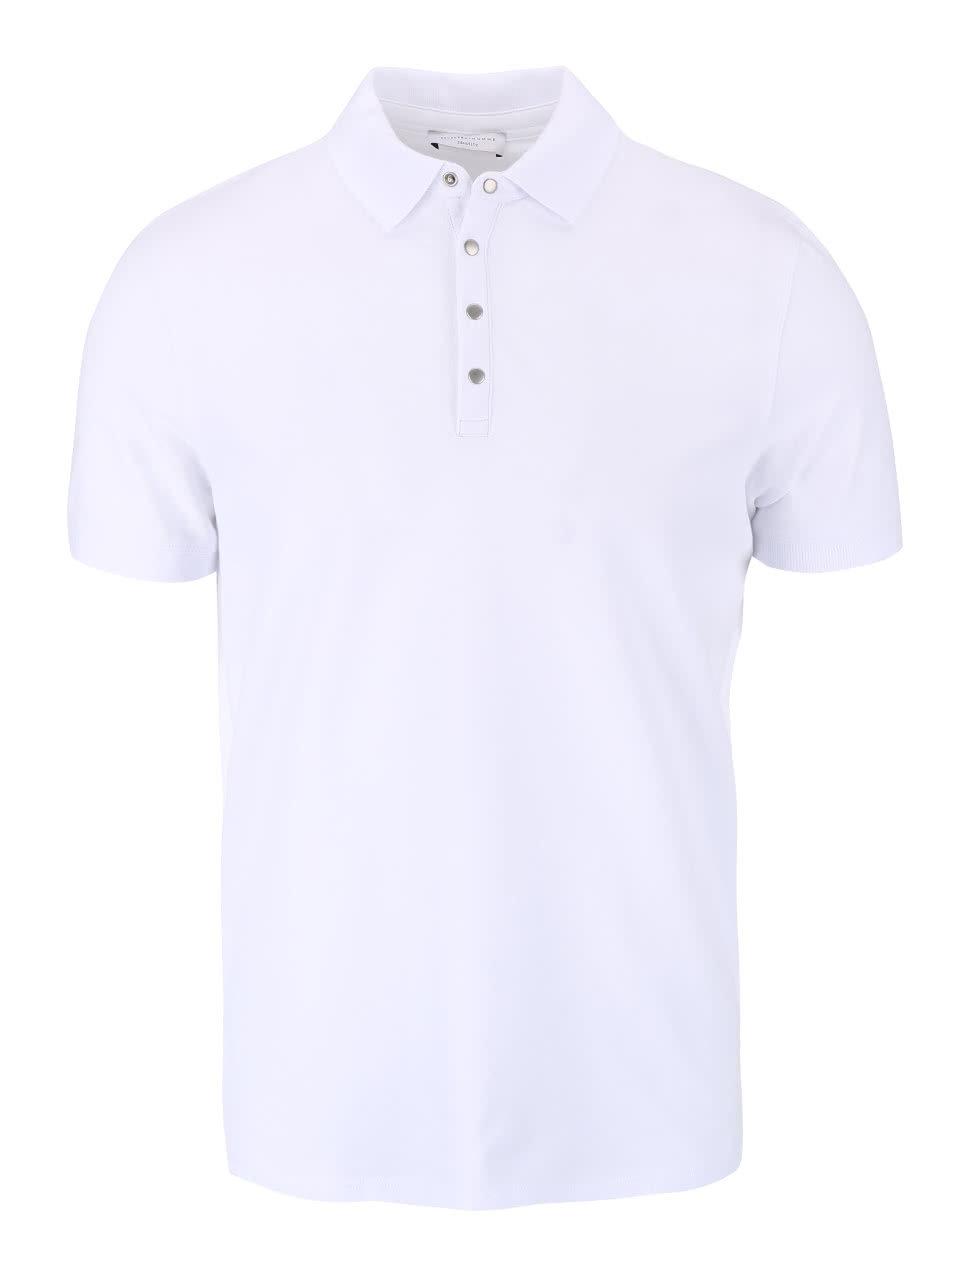 Bílé polo triko Selected Homme Dawson ... 04c75b2851